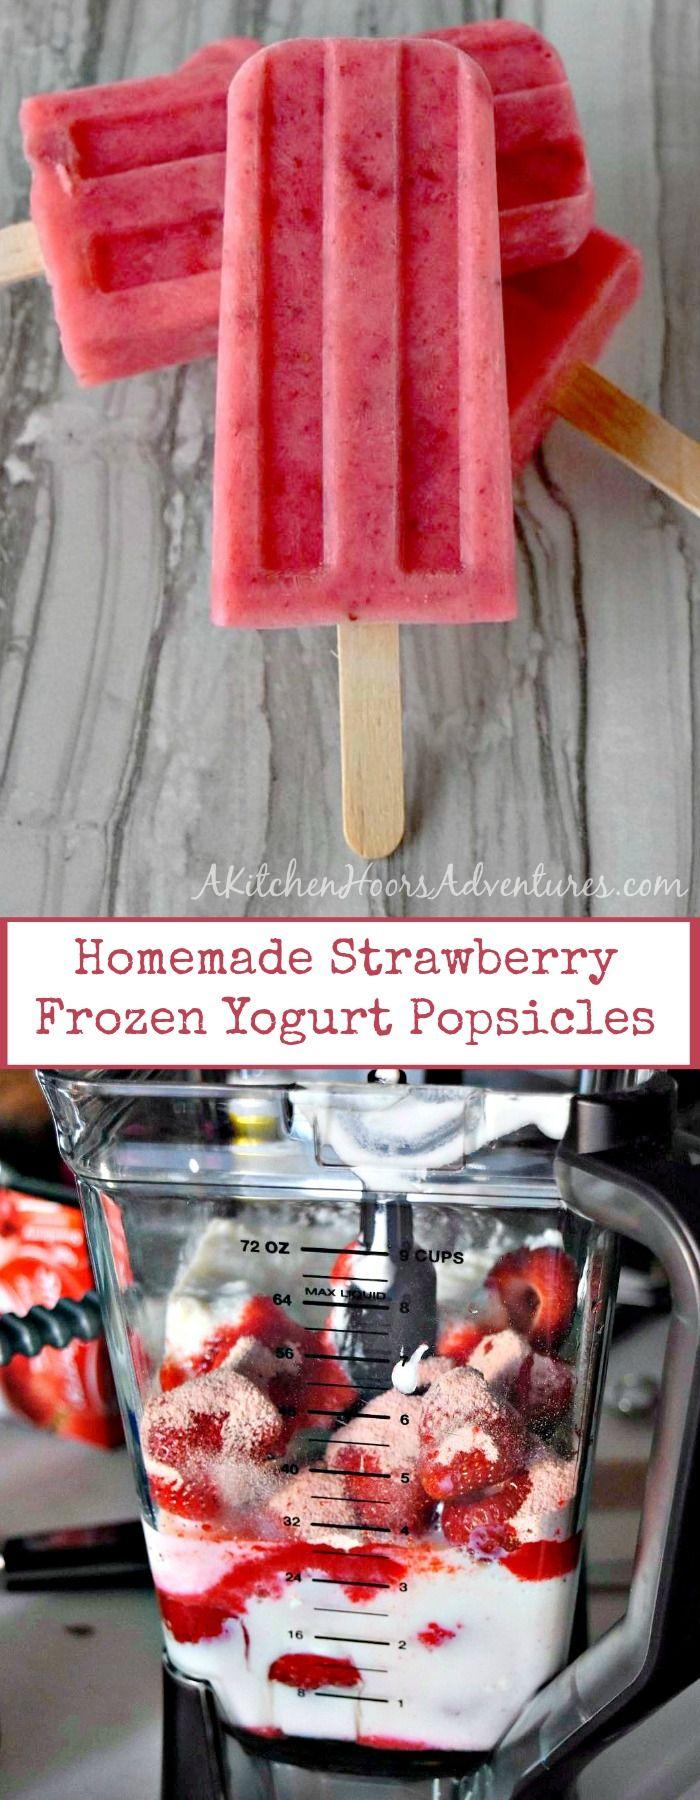 Fresh, in season strawberries, creamy yogurt, and sweet honey combine to make these summery Homemade Strawberry Frozen Yogurt Popsicles. #FreakyFridayRecipes via @akitchenhoor